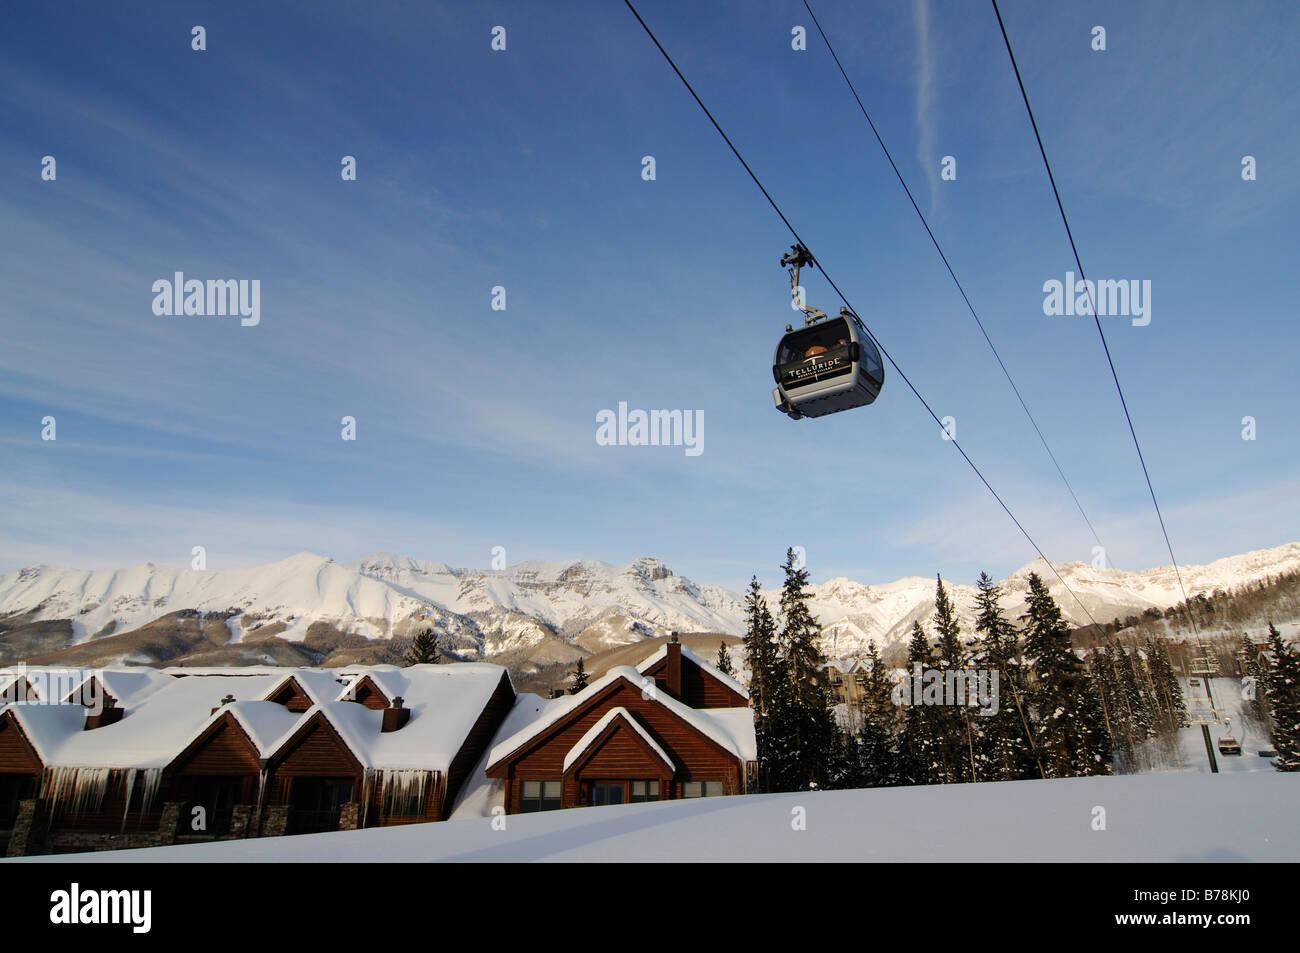 Gondola lift on Mountain Village, ski region Telluride in Colorado, USA, North America - Stock Image